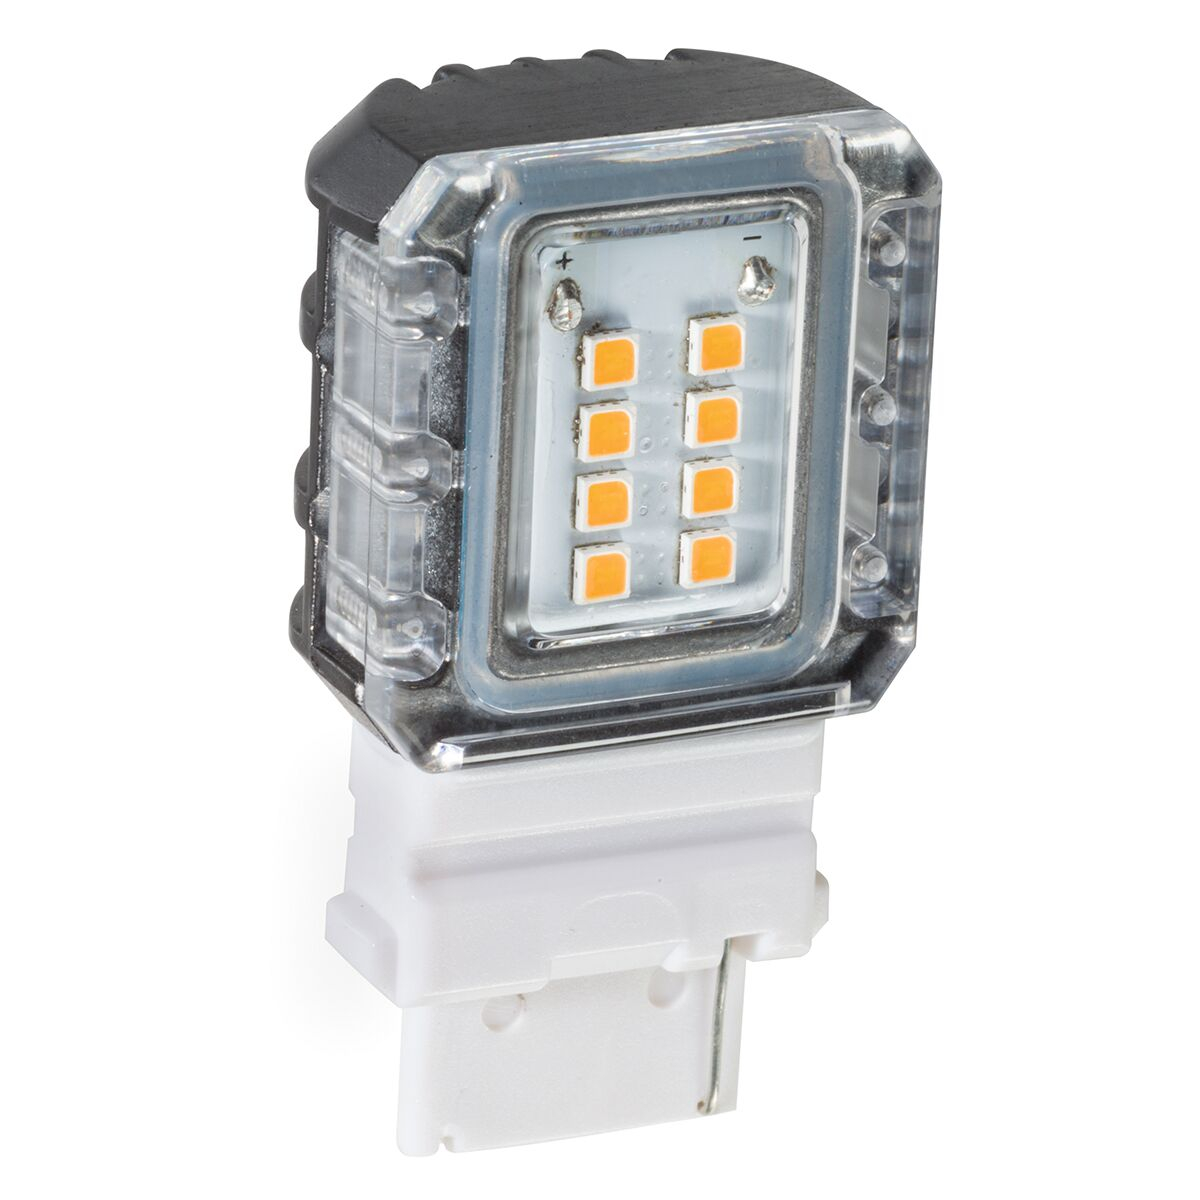 LED Light Bulb (Set of 6) Bulb Temperature: 2700K